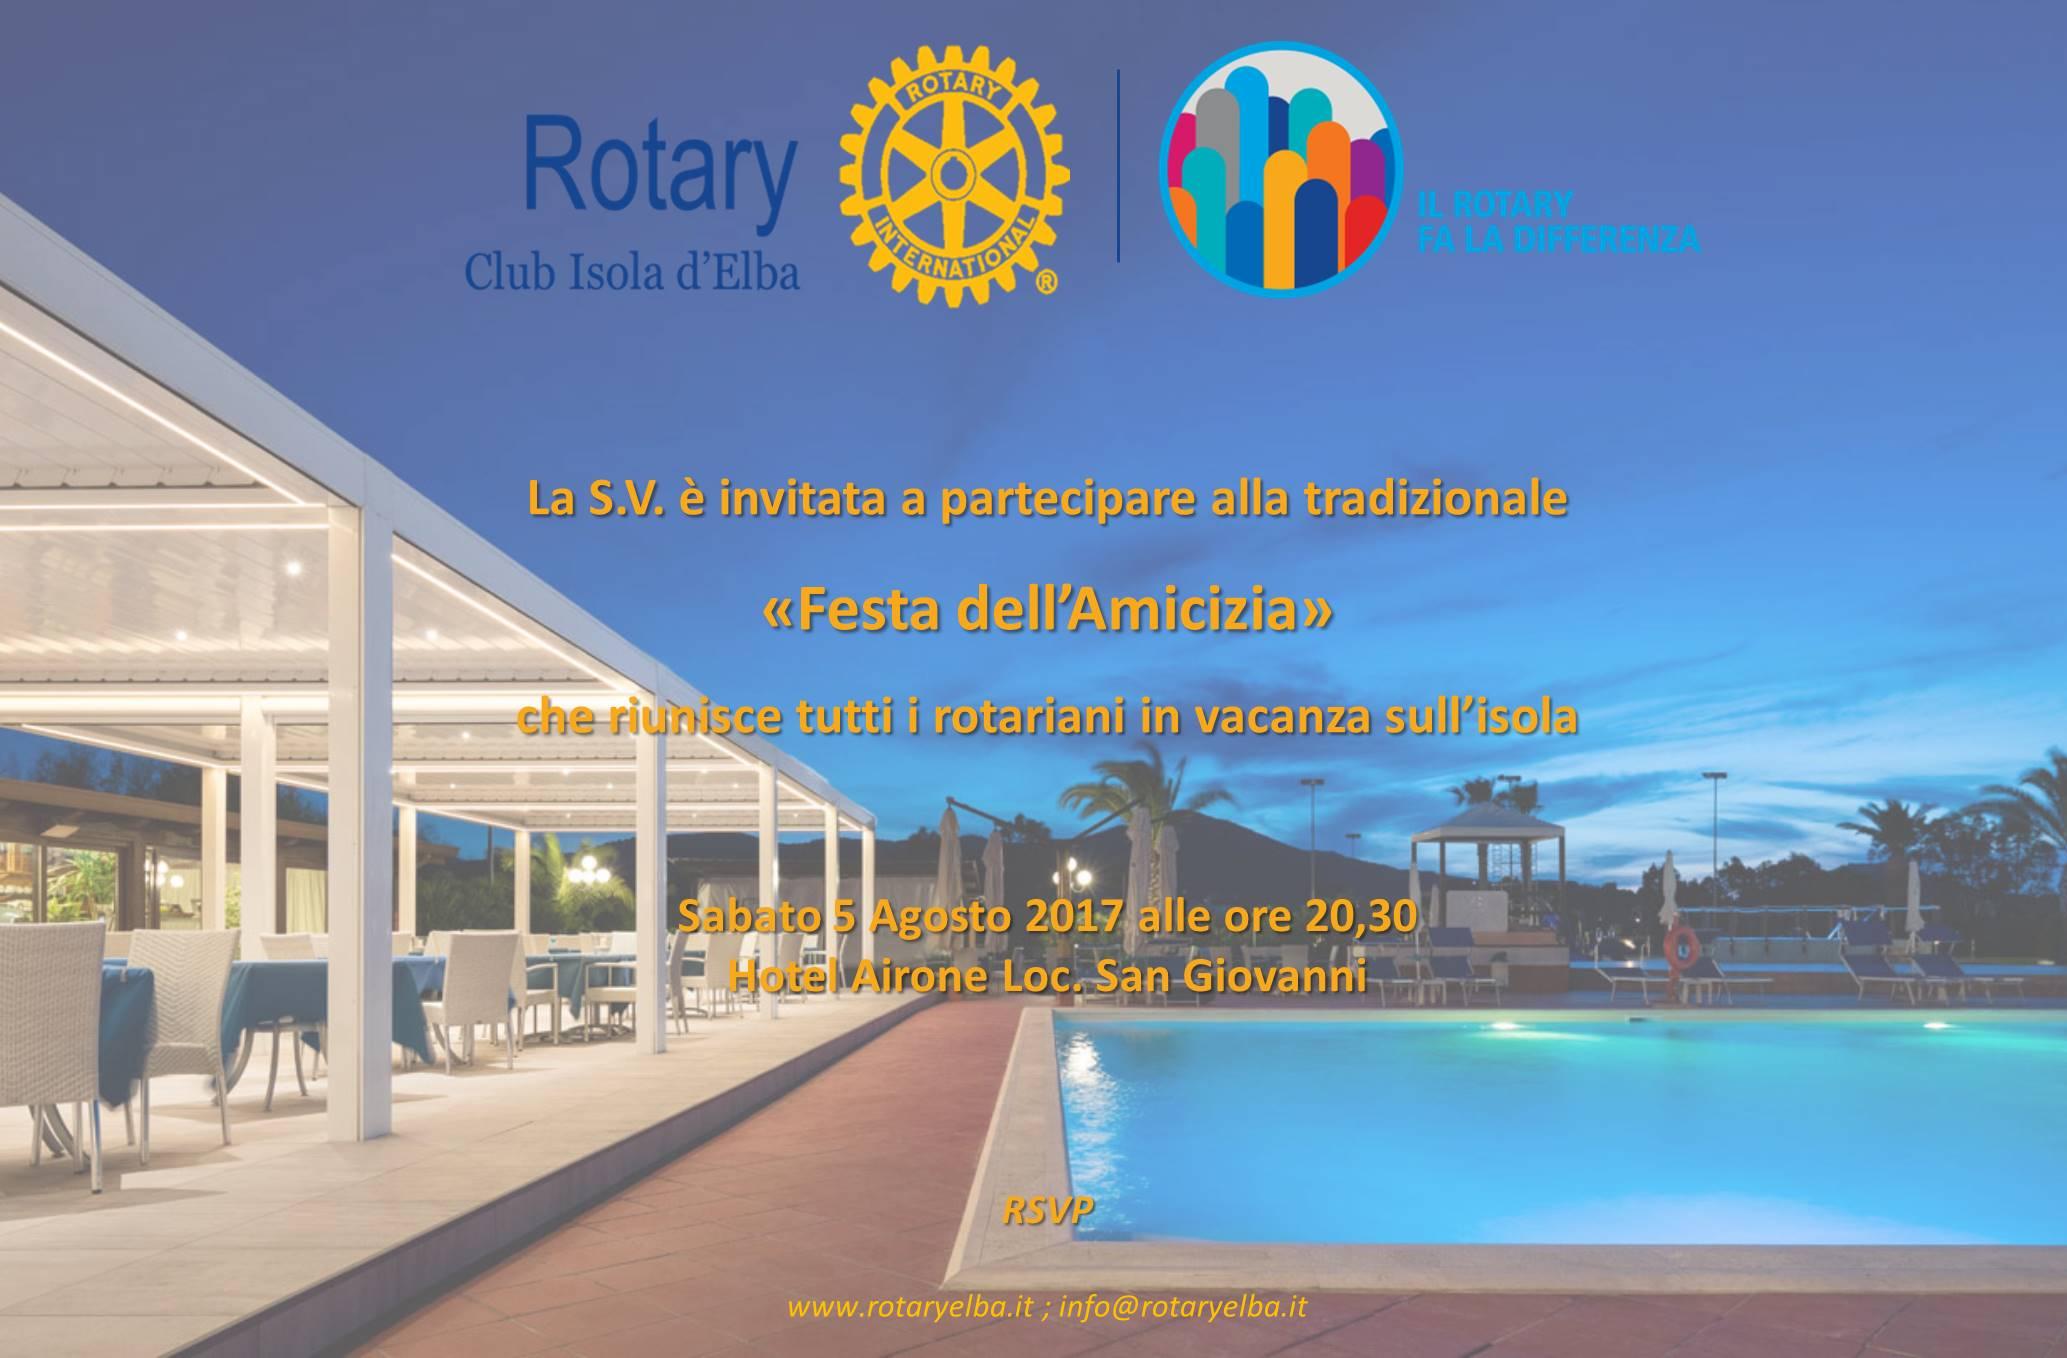 Invito Rotary